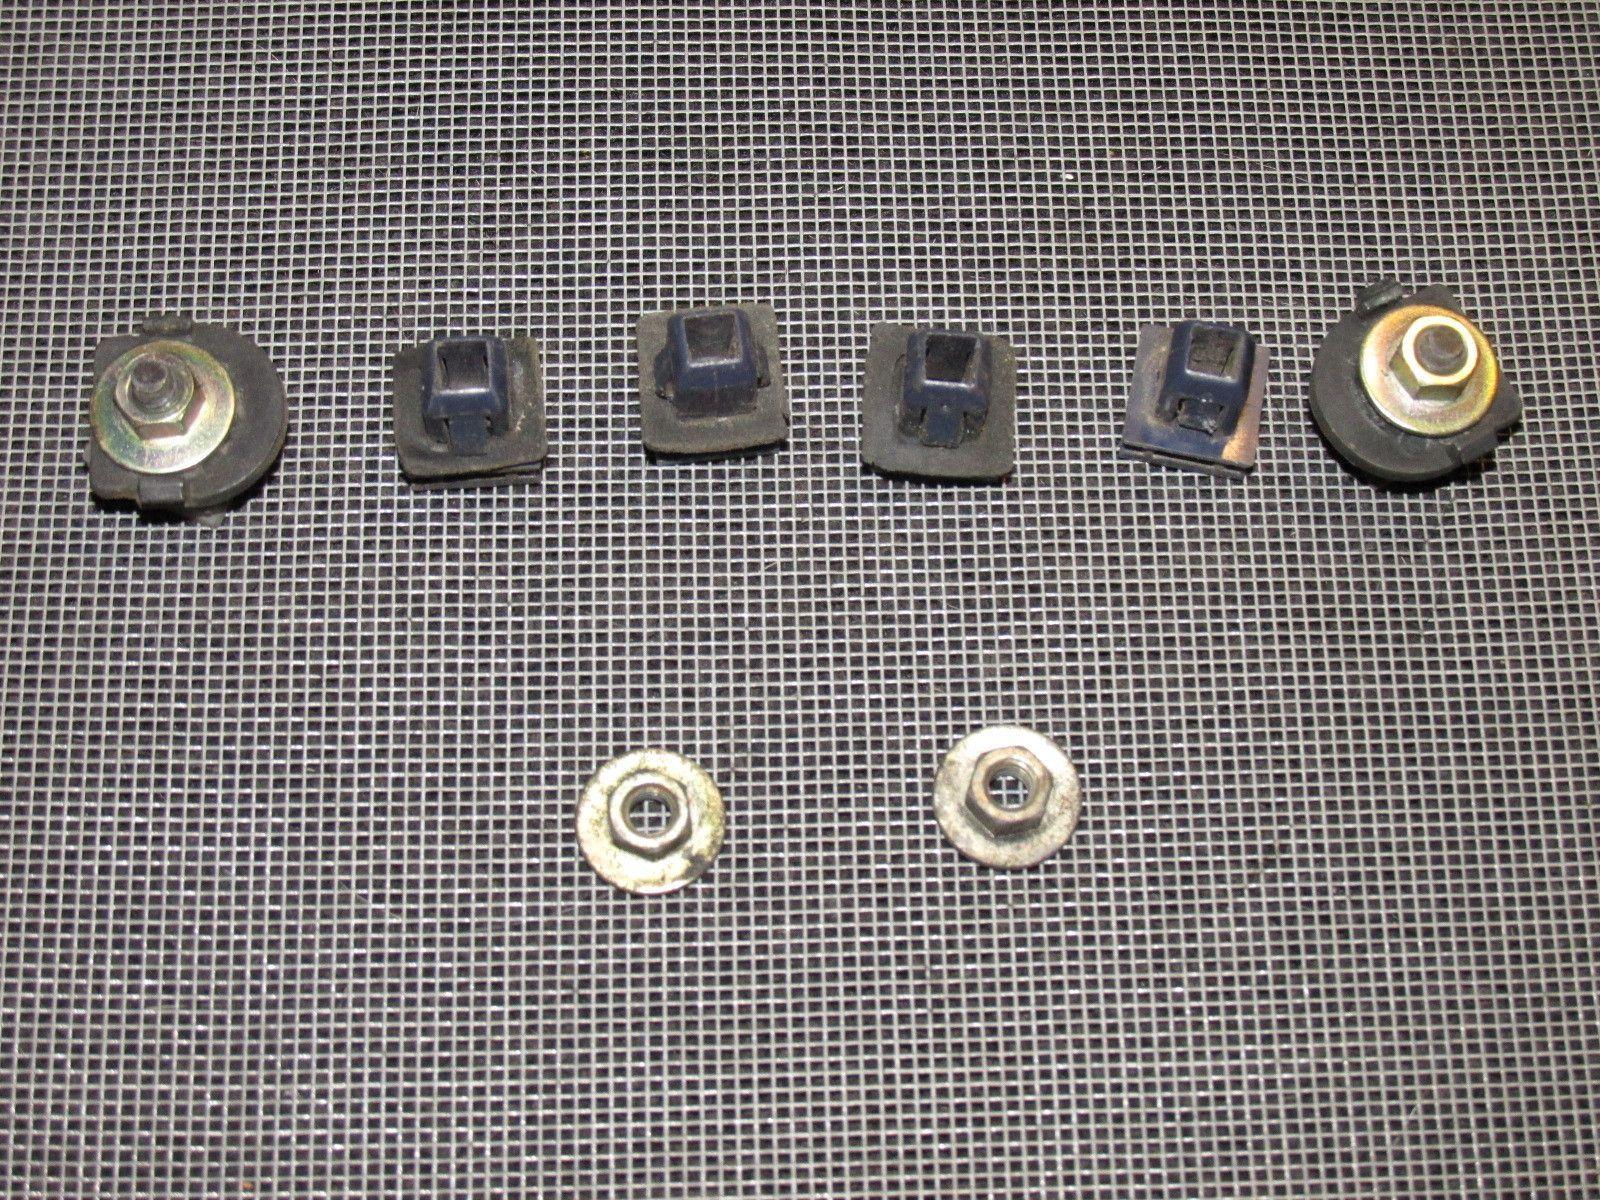 90 91 92 93 94 95 96 nissan 300zx hatch door panel hardware clip set [ 1600 x 1200 Pixel ]